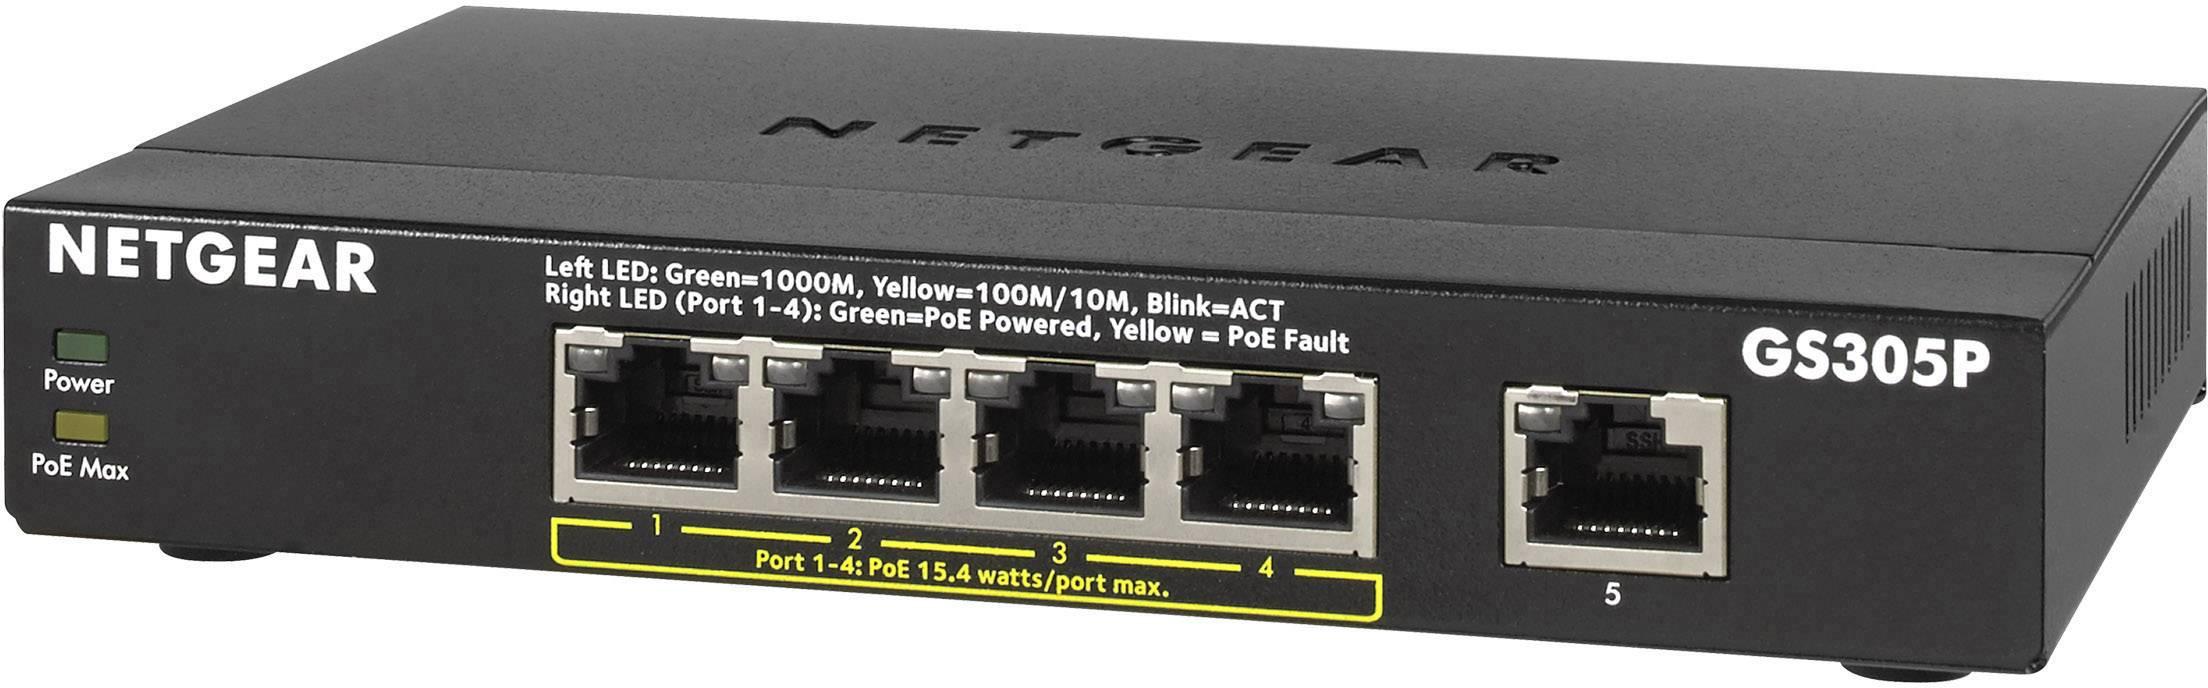 Síťový switch NETGEAR, GS305P-100PES, 5 portů, 1 Gbit/s, funkce PoE